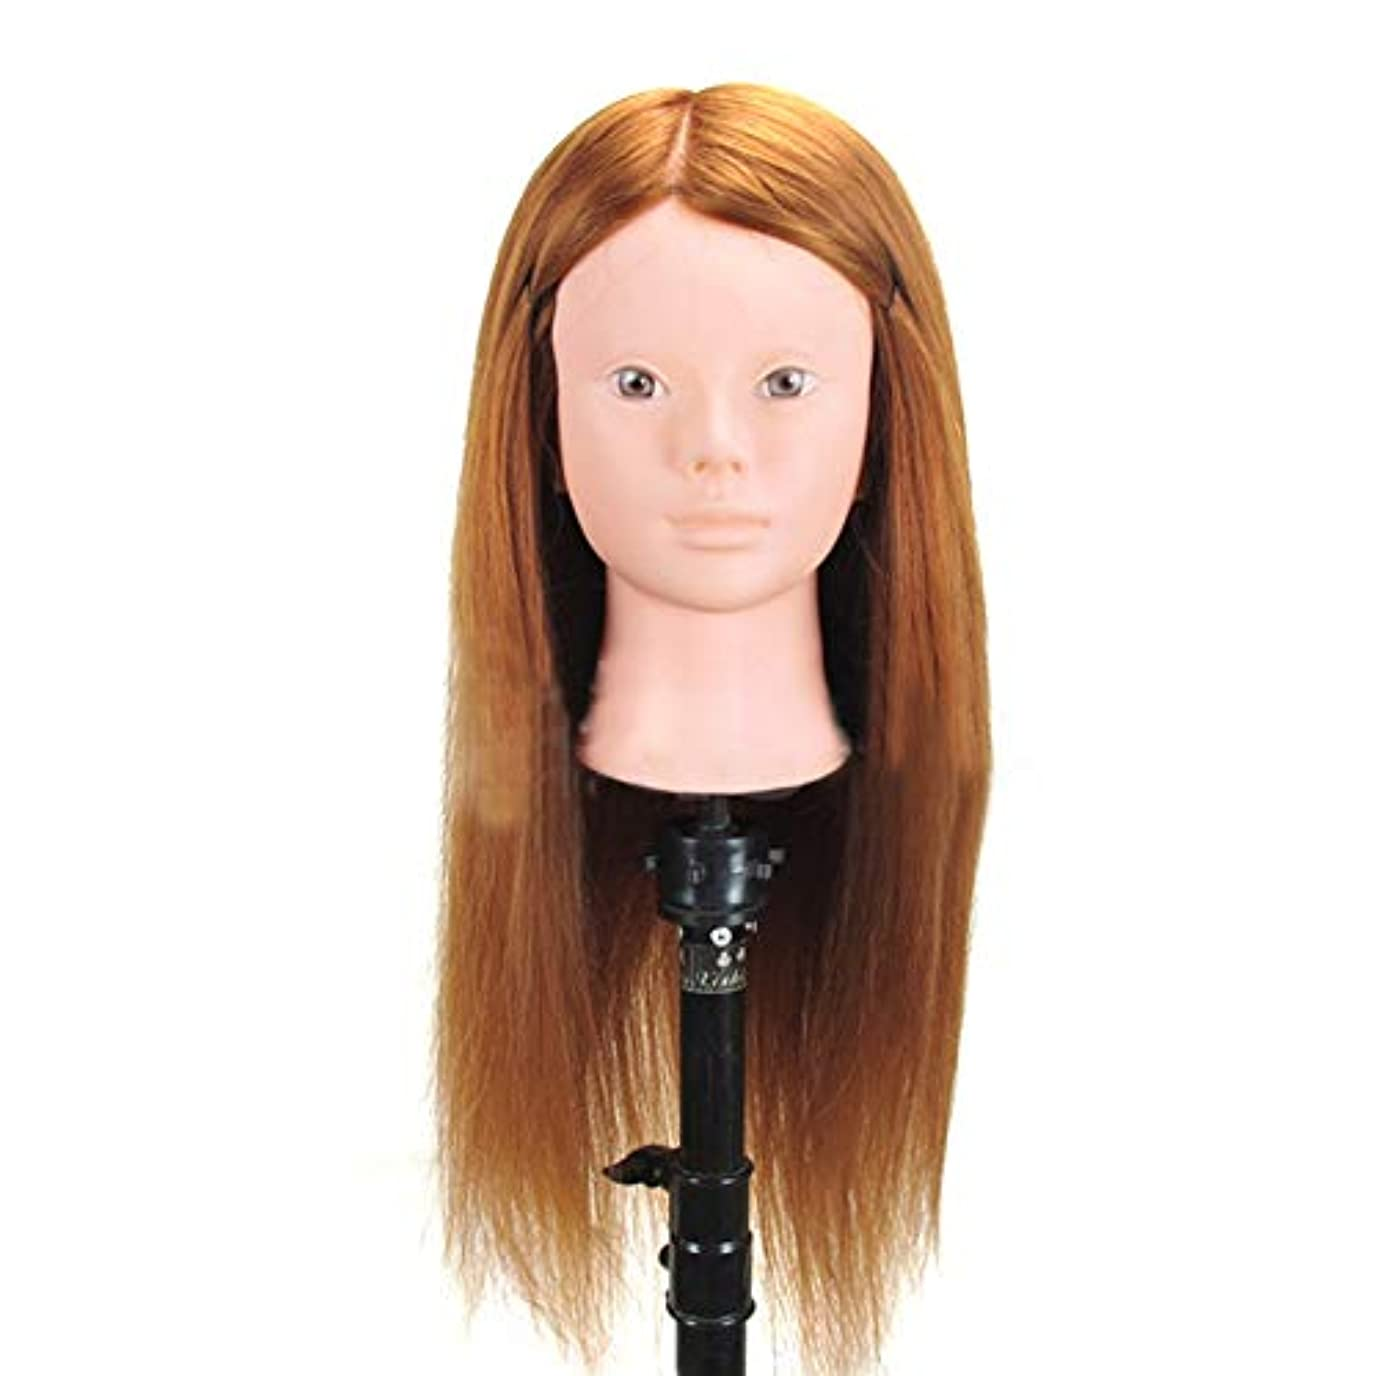 構想するスツール霊高温シルクヘアマネキンヘッド編組ヘアヘアピンヘッドモデルサロンパーマ髪染め学習ダミーヘッド